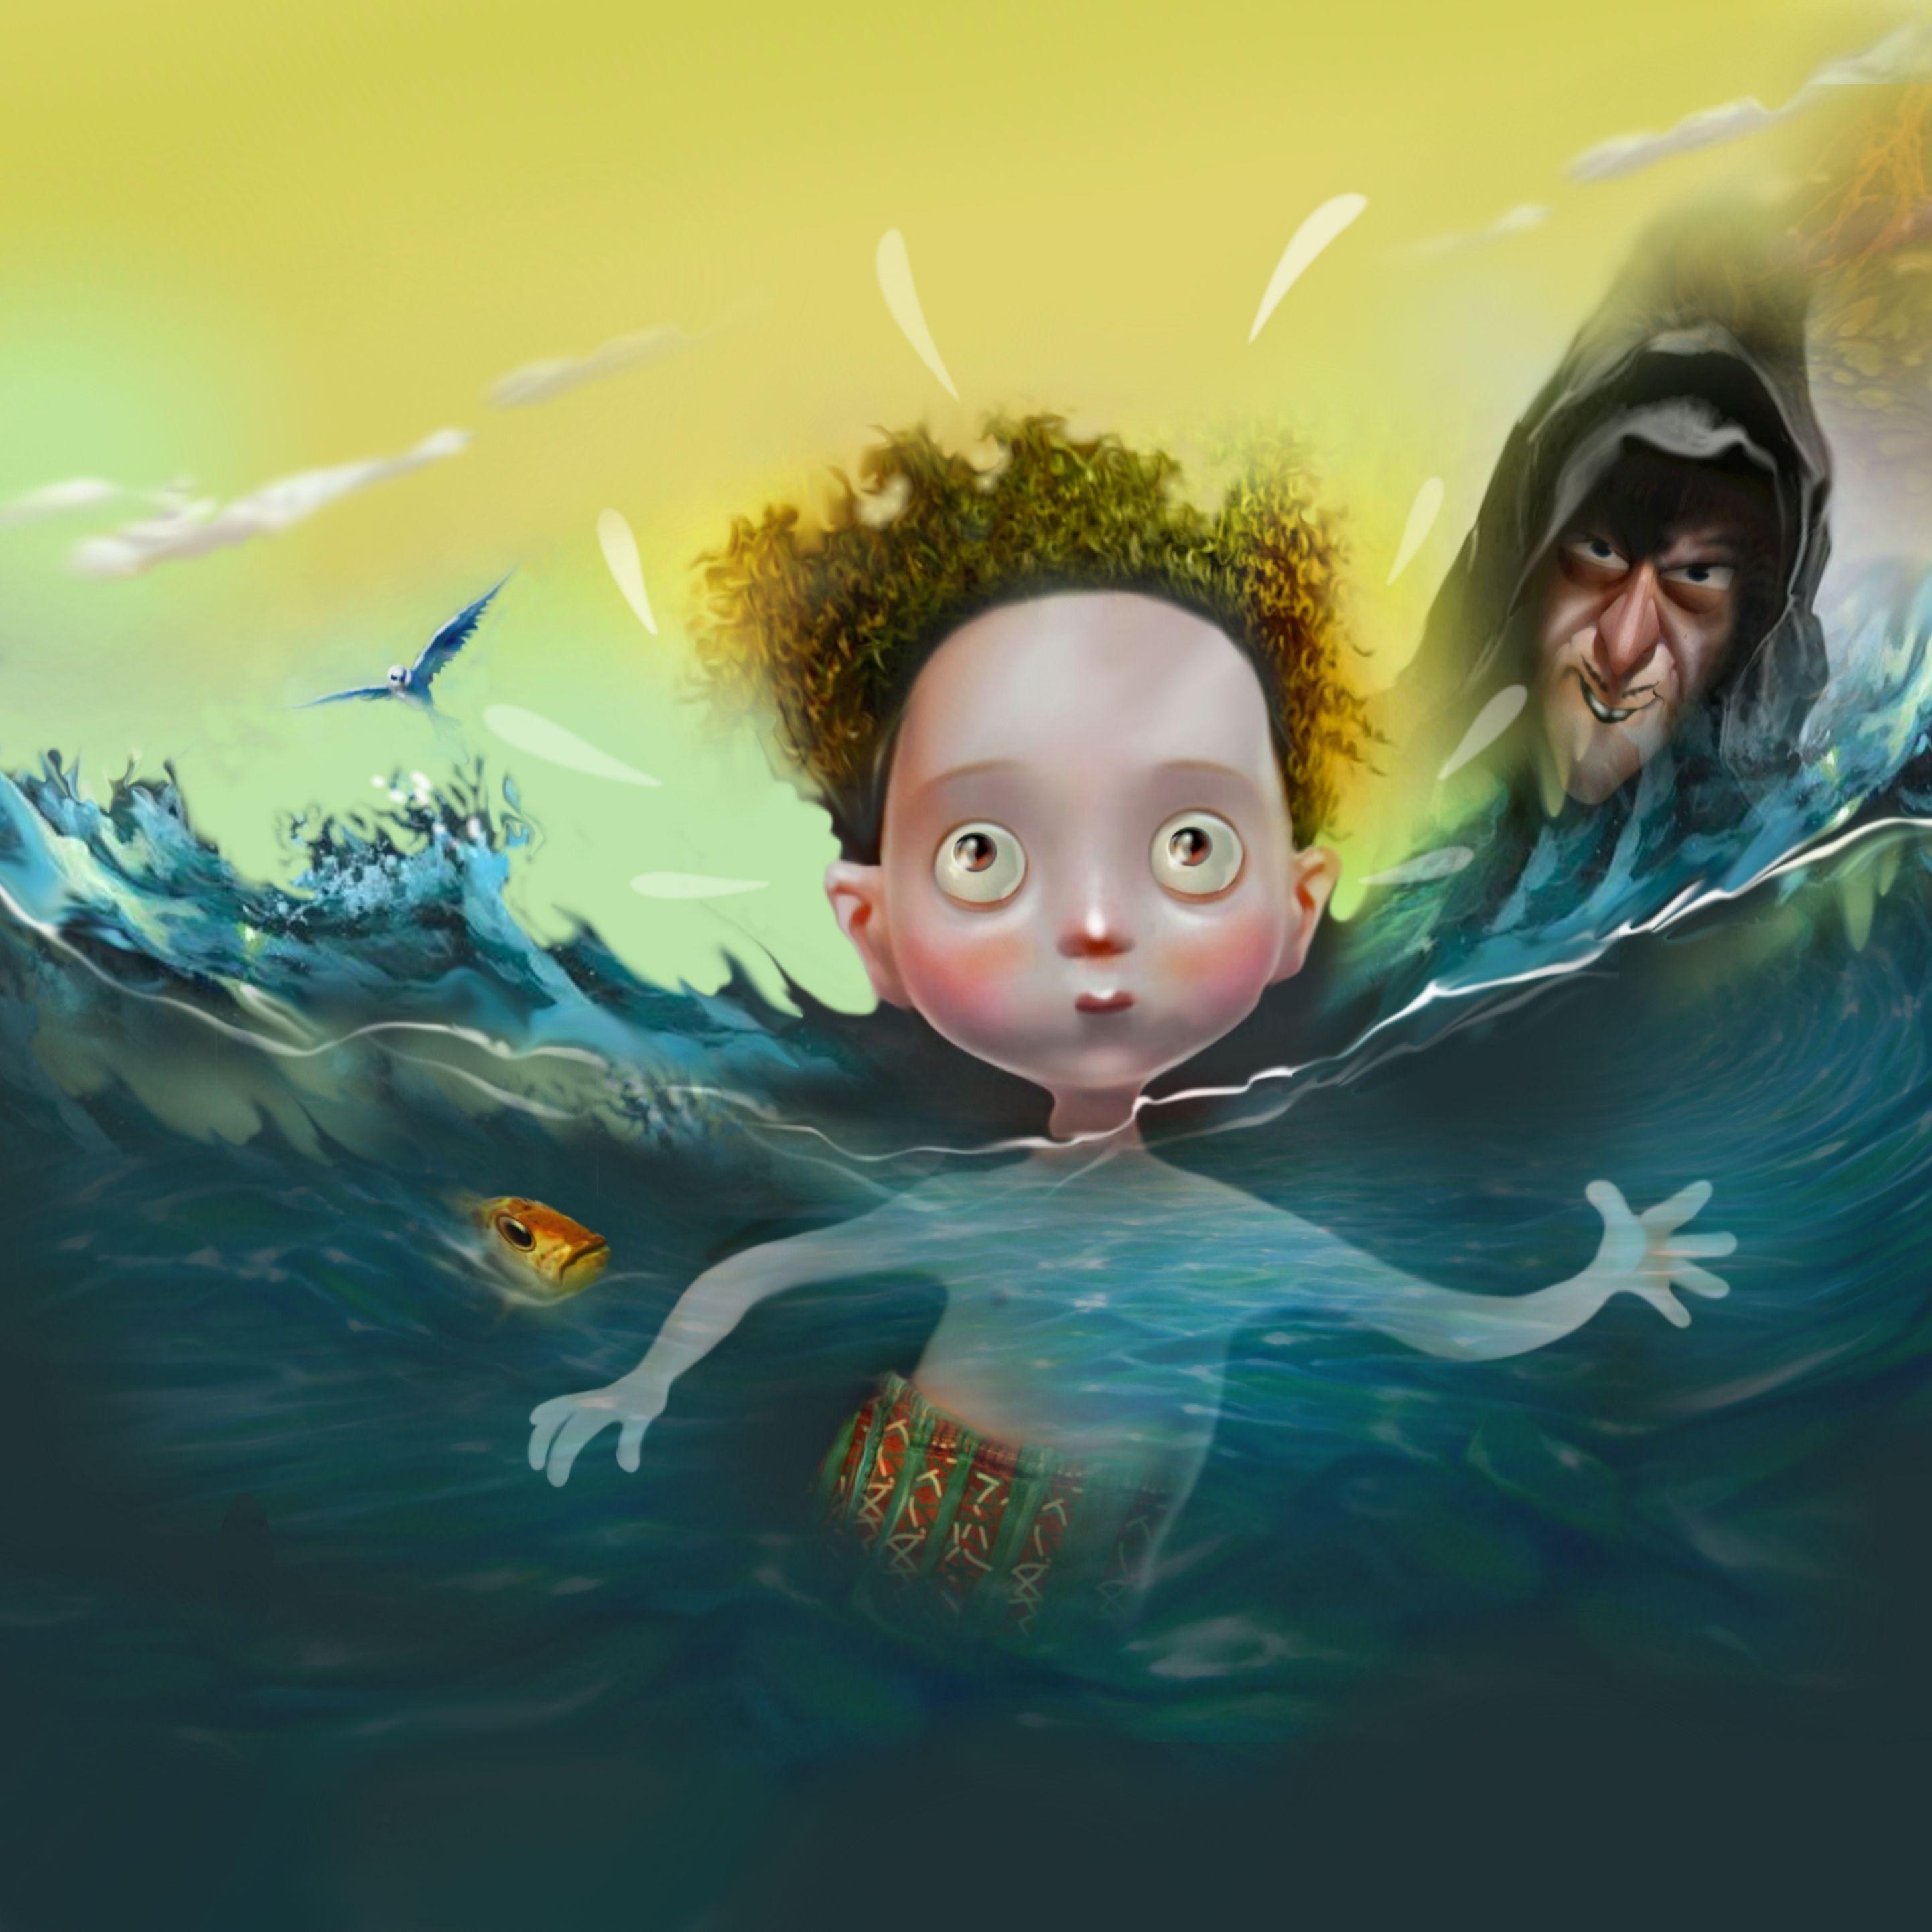 """Ilustração livro """"A derrotados medos"""" Adriana Zanonato e Luiz Prado / 2016"""